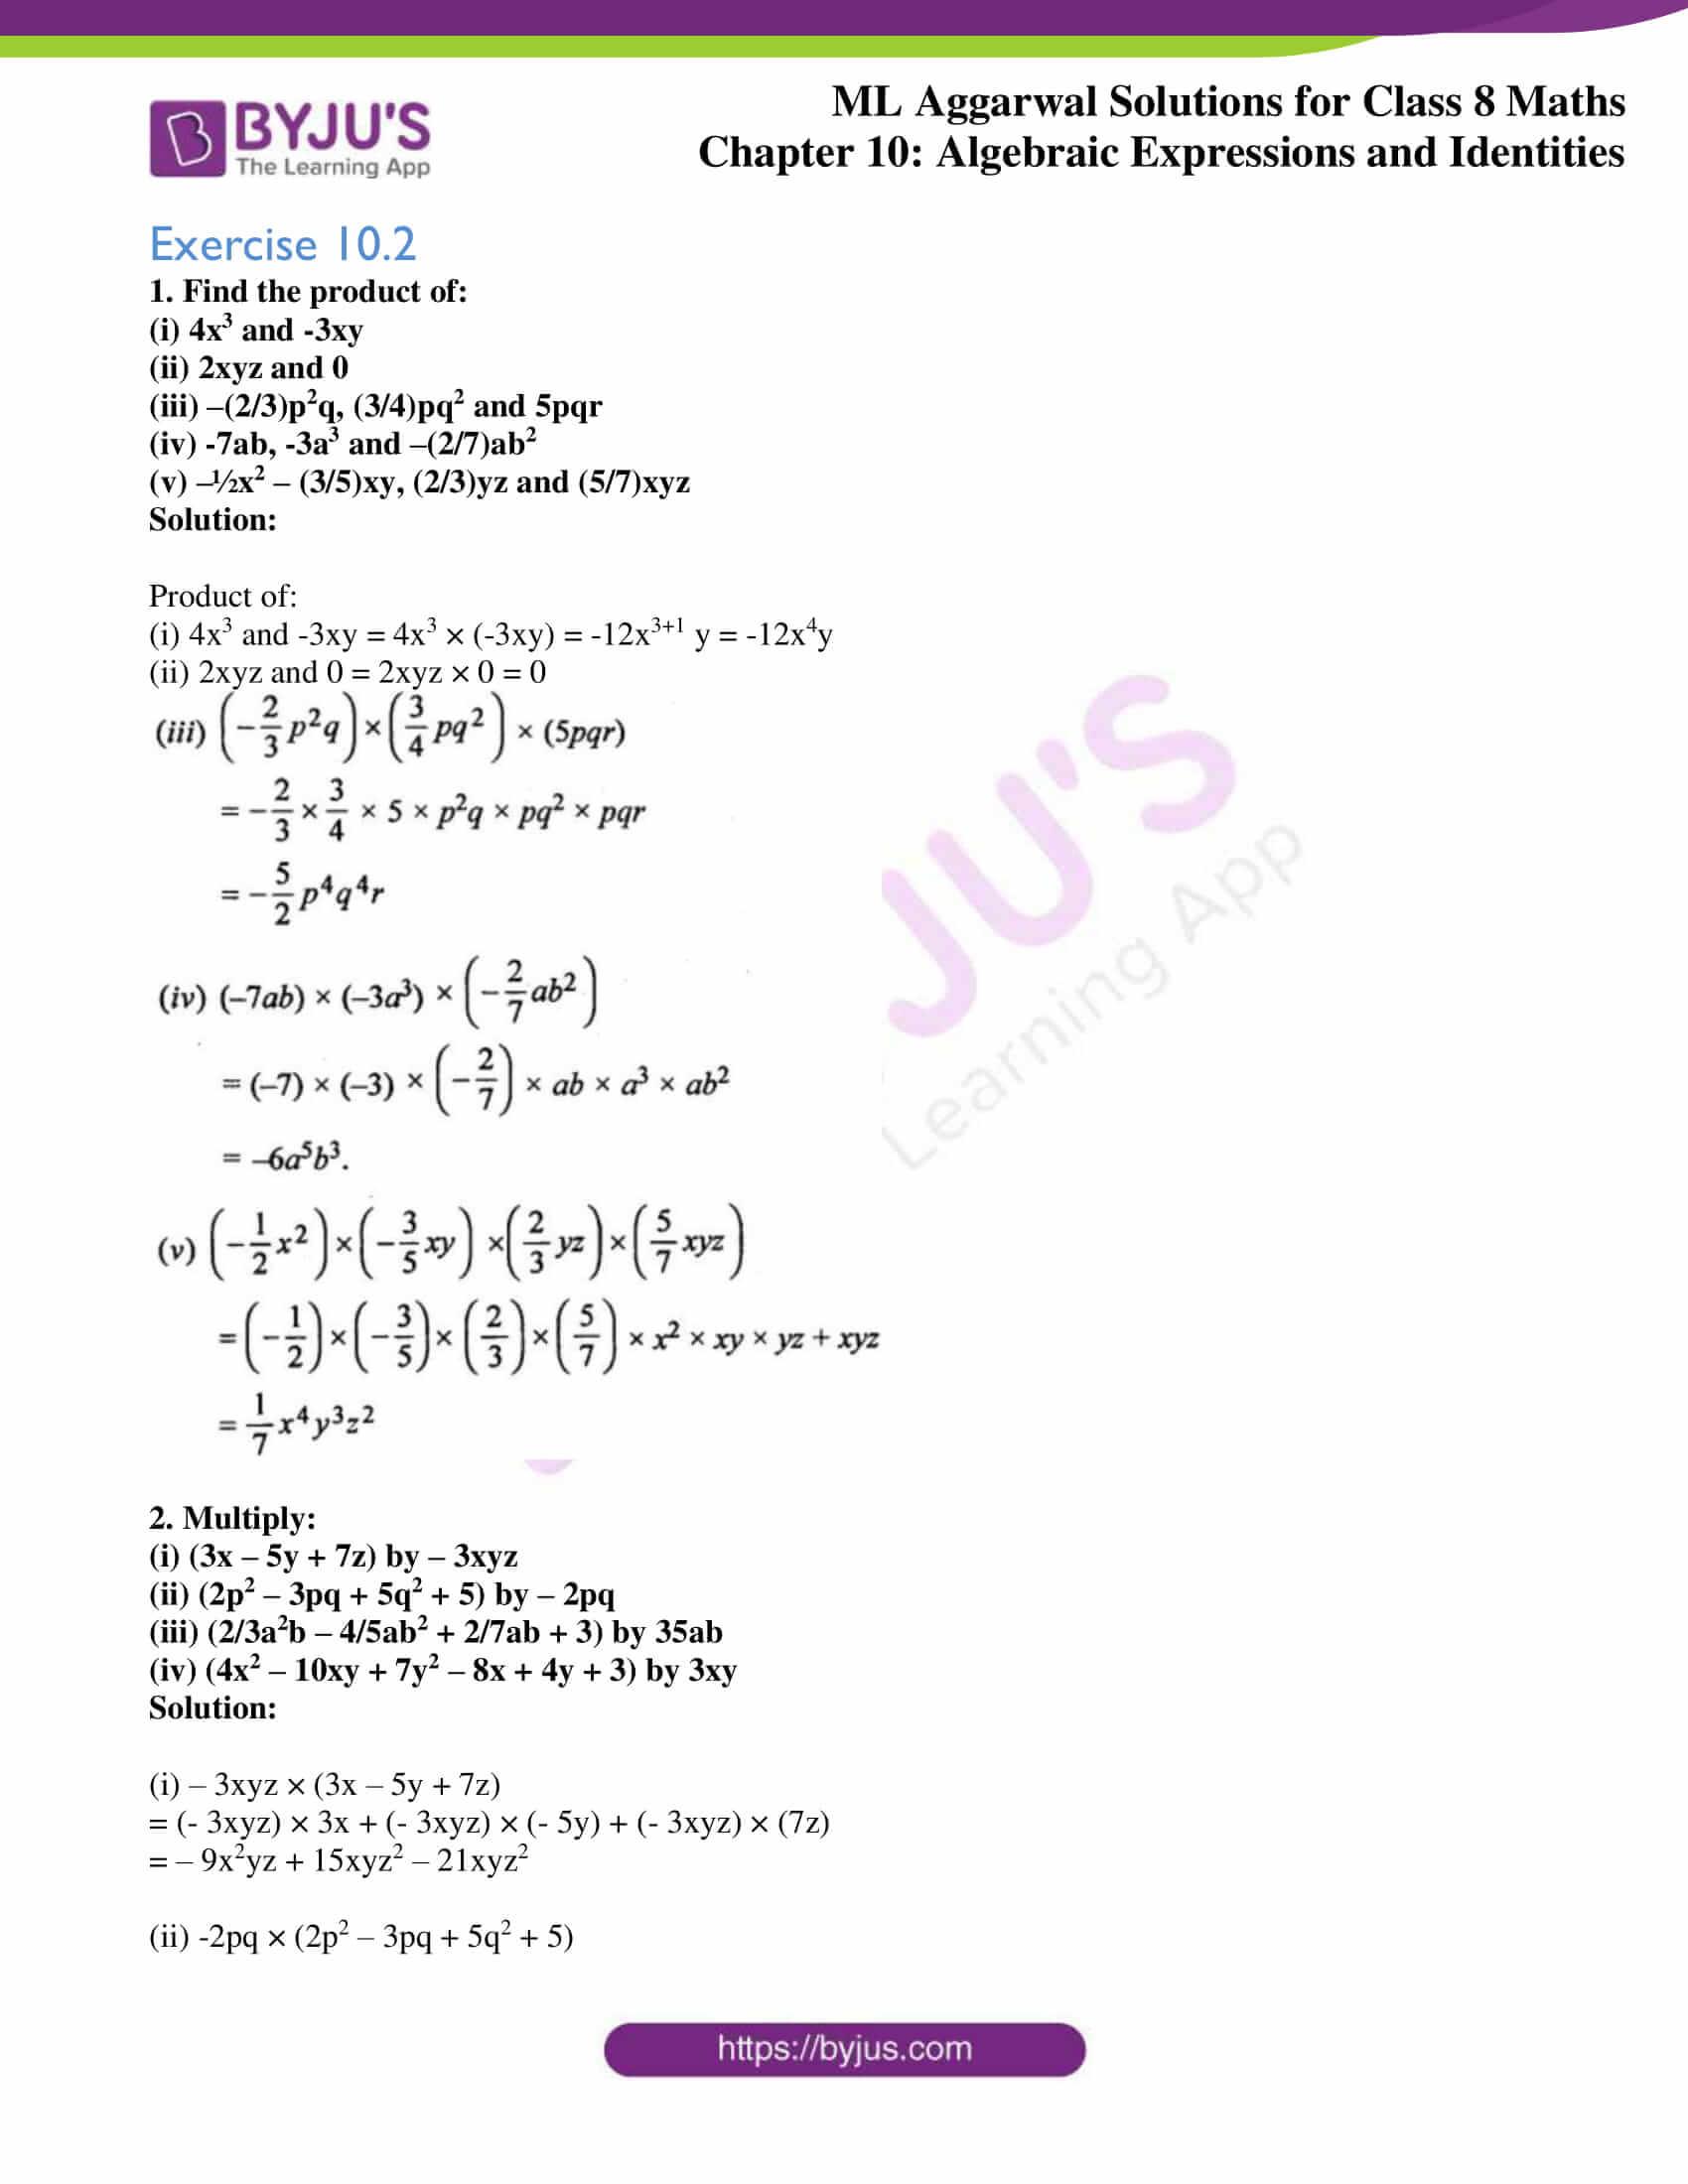 ml aggarwal sol mathematics class 8 ch 10 05